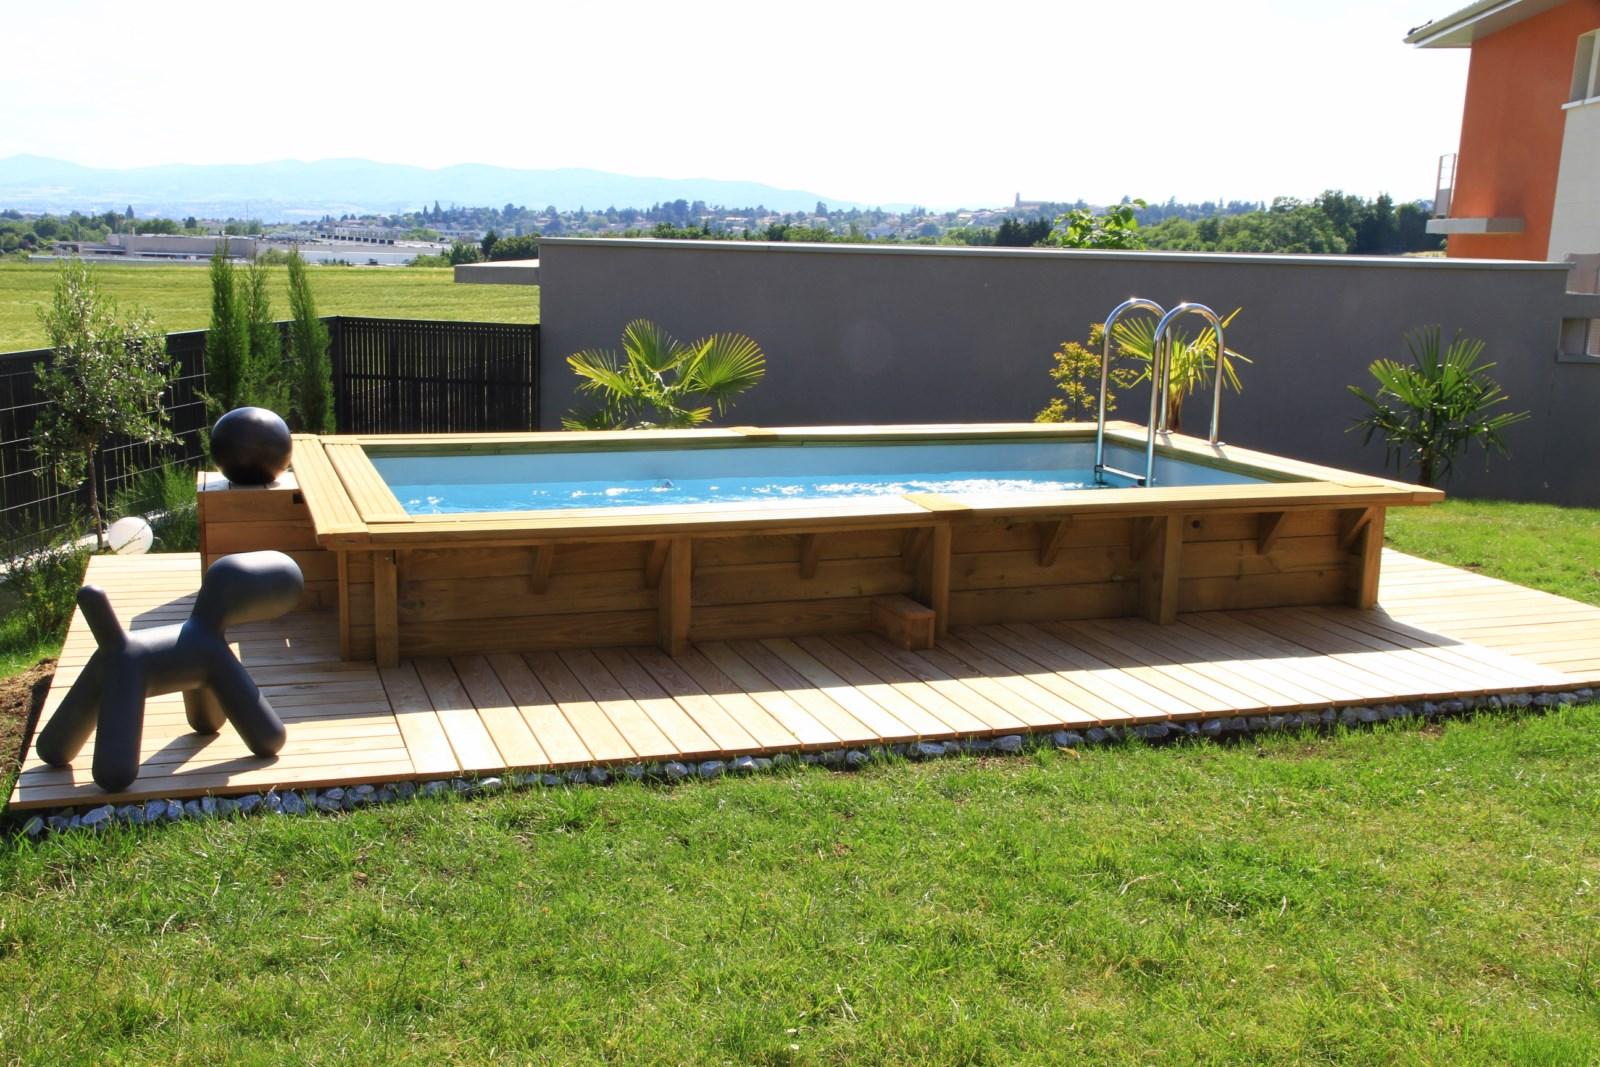 Mini piscine hors sol bois mini piscine en bois avec for Conteneur reunion tarif